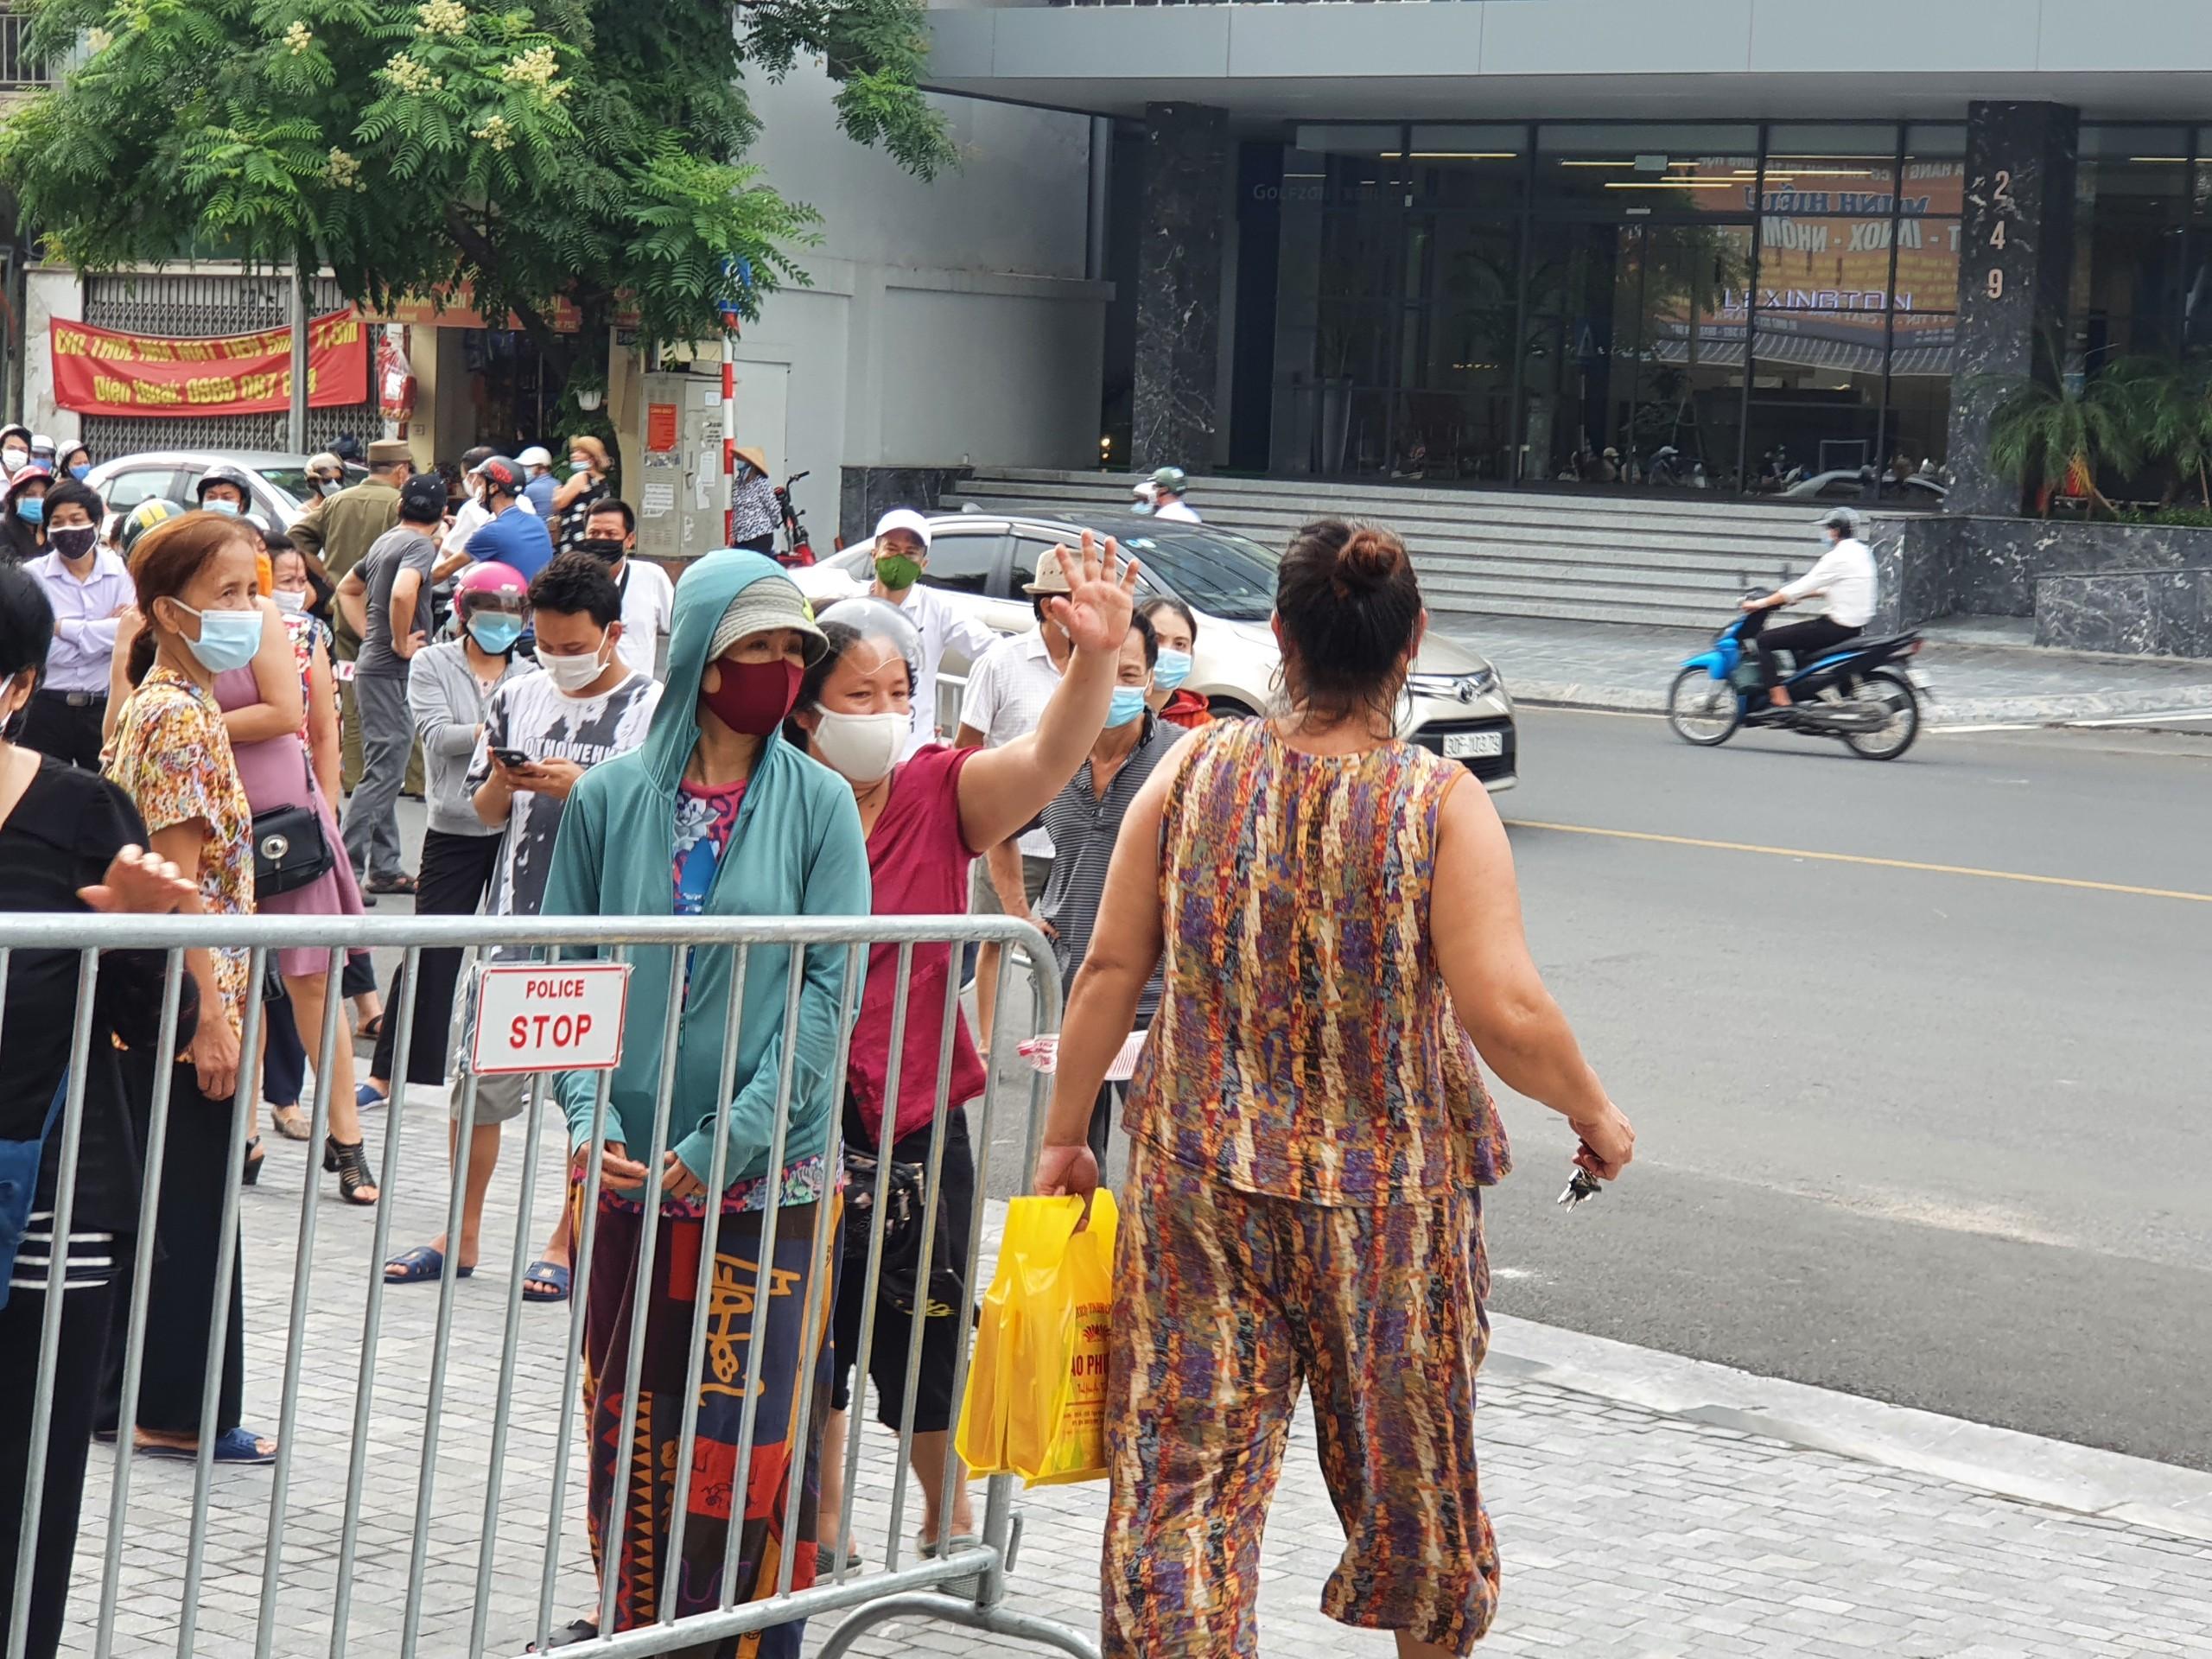 Hà Nội: Bánh trung thu truyền thống chưa 'hạ nhiệt' - Ảnh 6